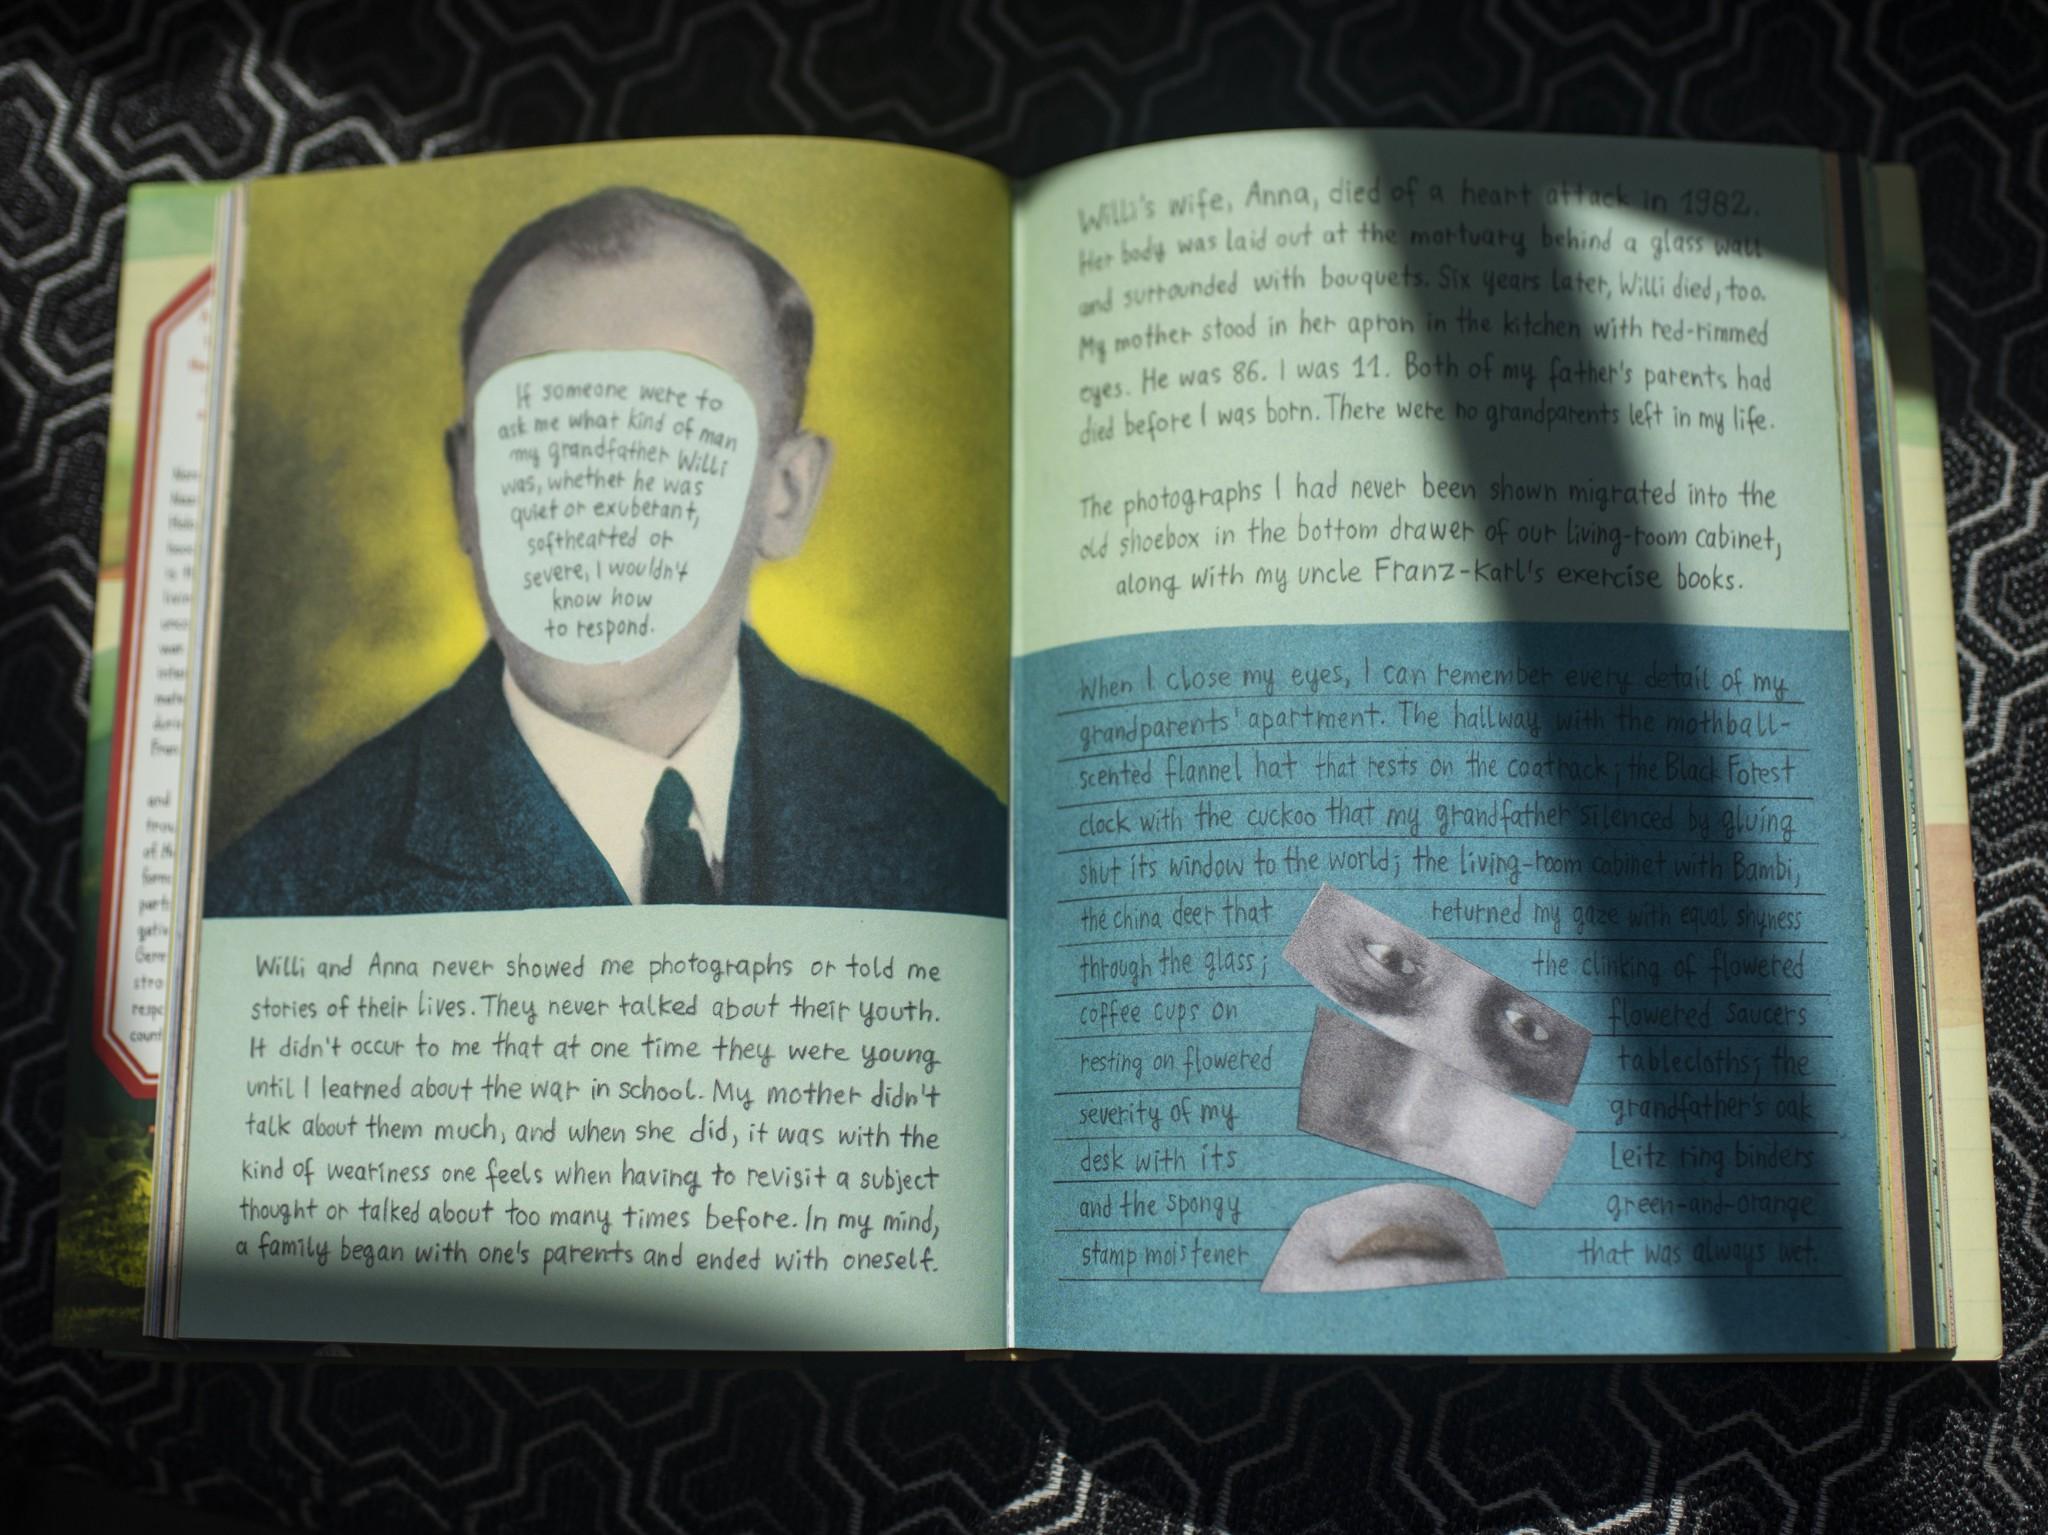 Biography & Memoir - cover